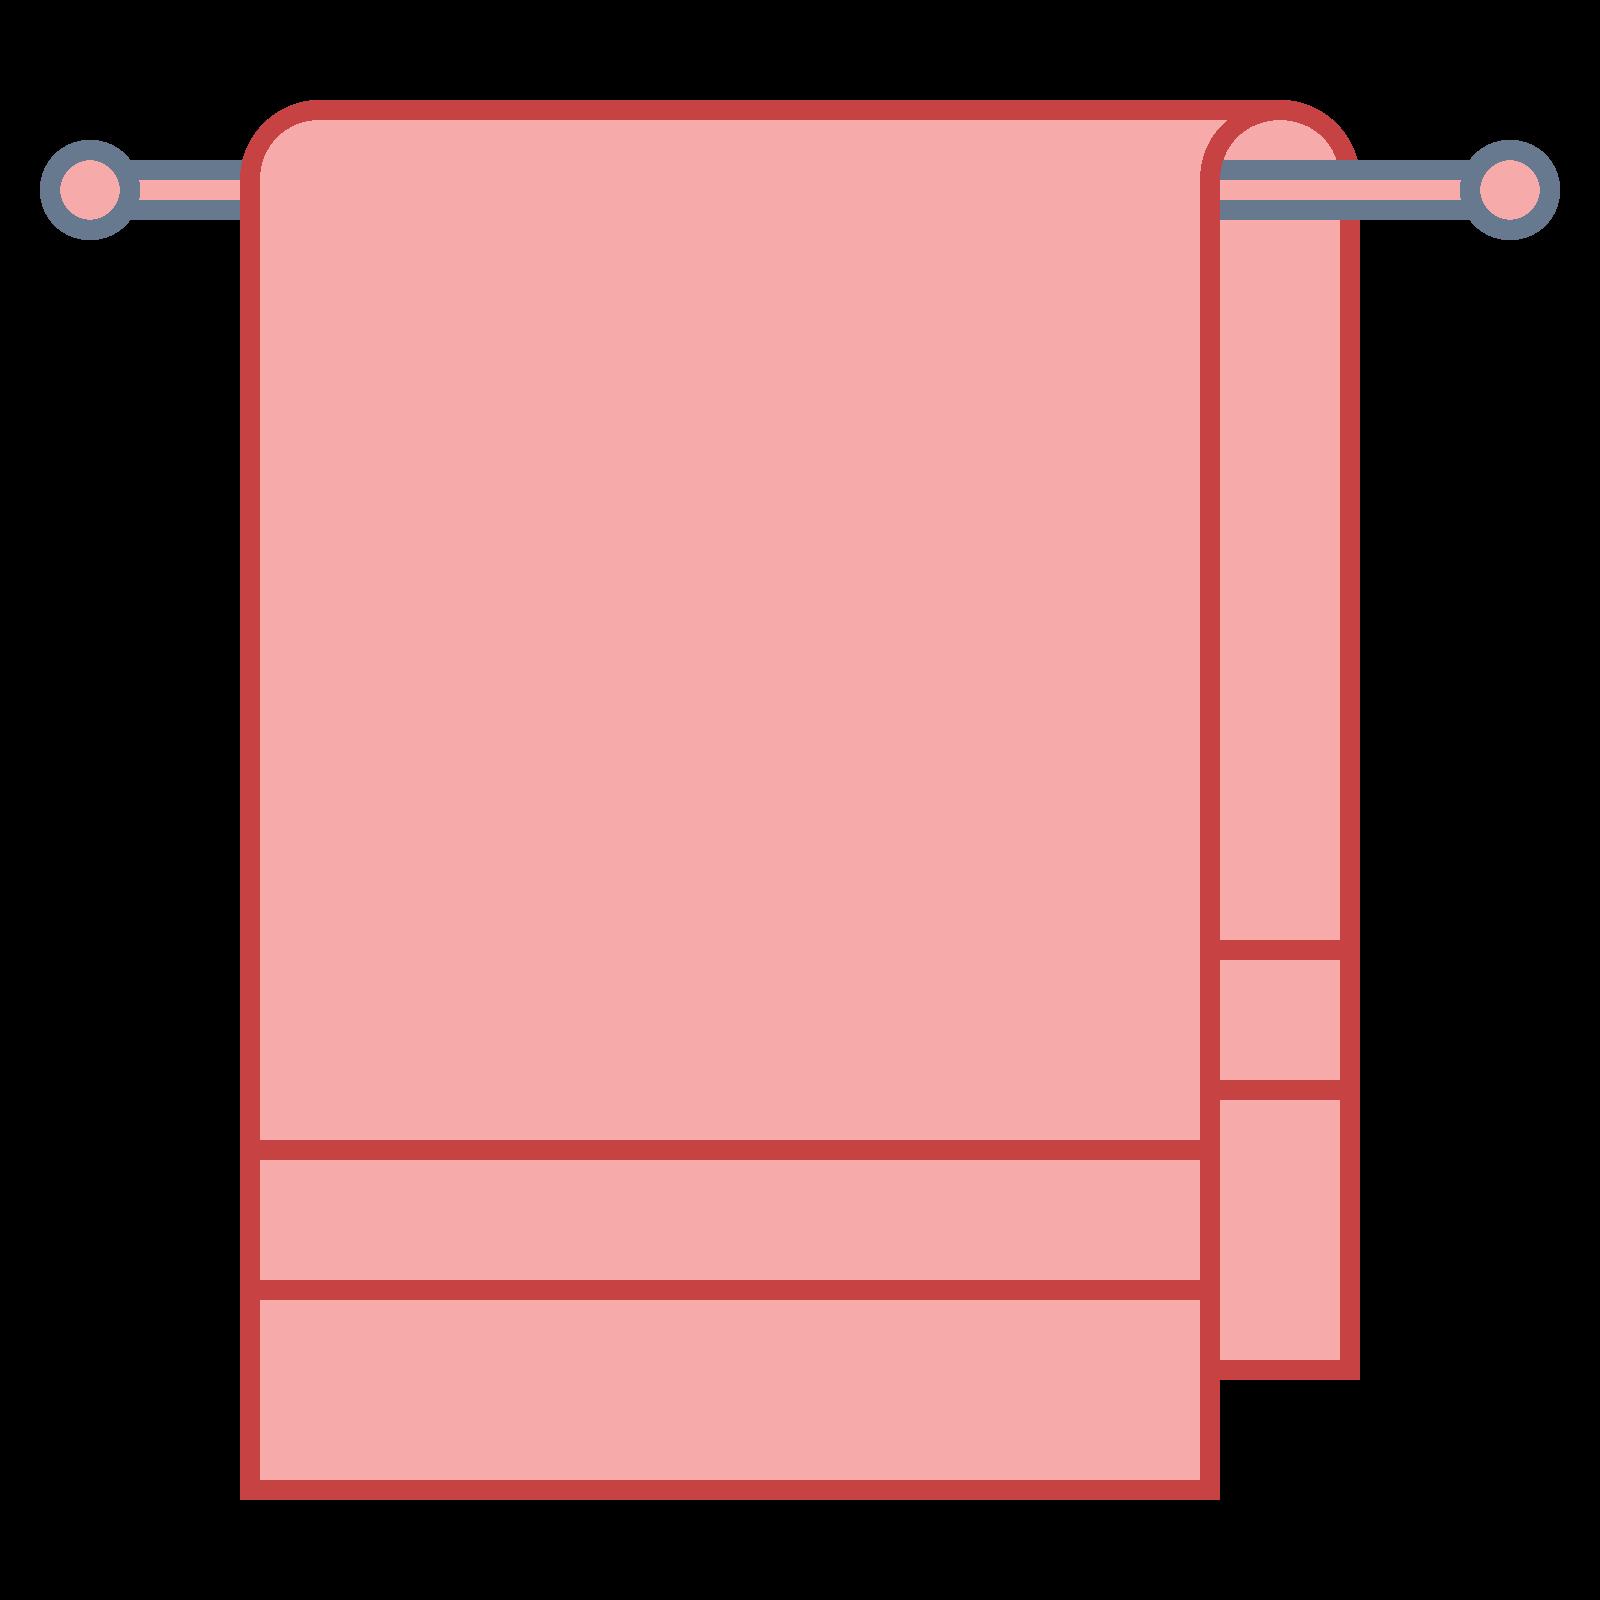 Door rectangular object free. Windy clipart window